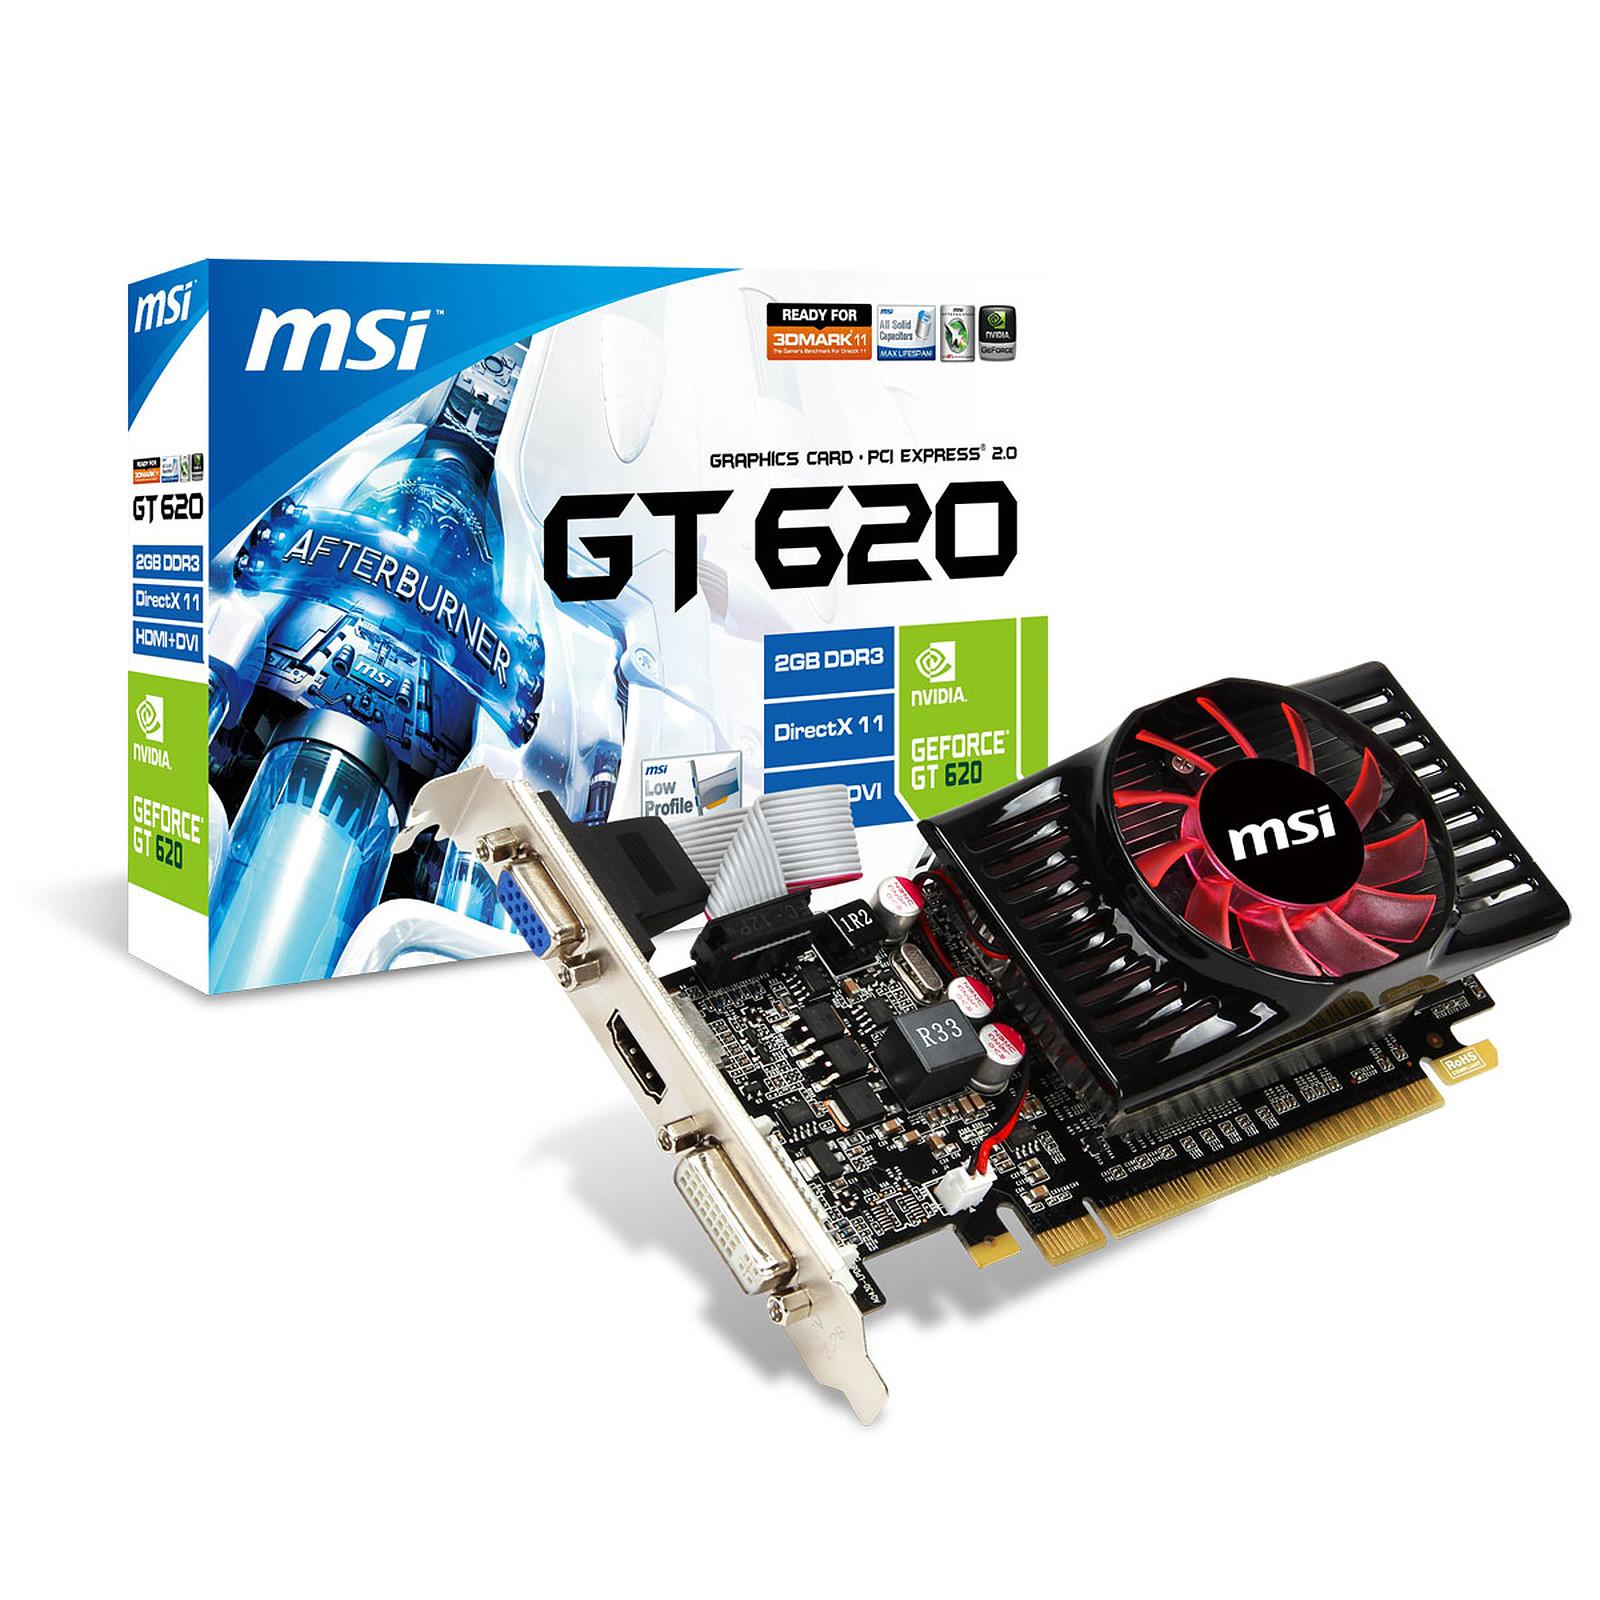 MSI N620GT-MD2GD3/LP 2 GB